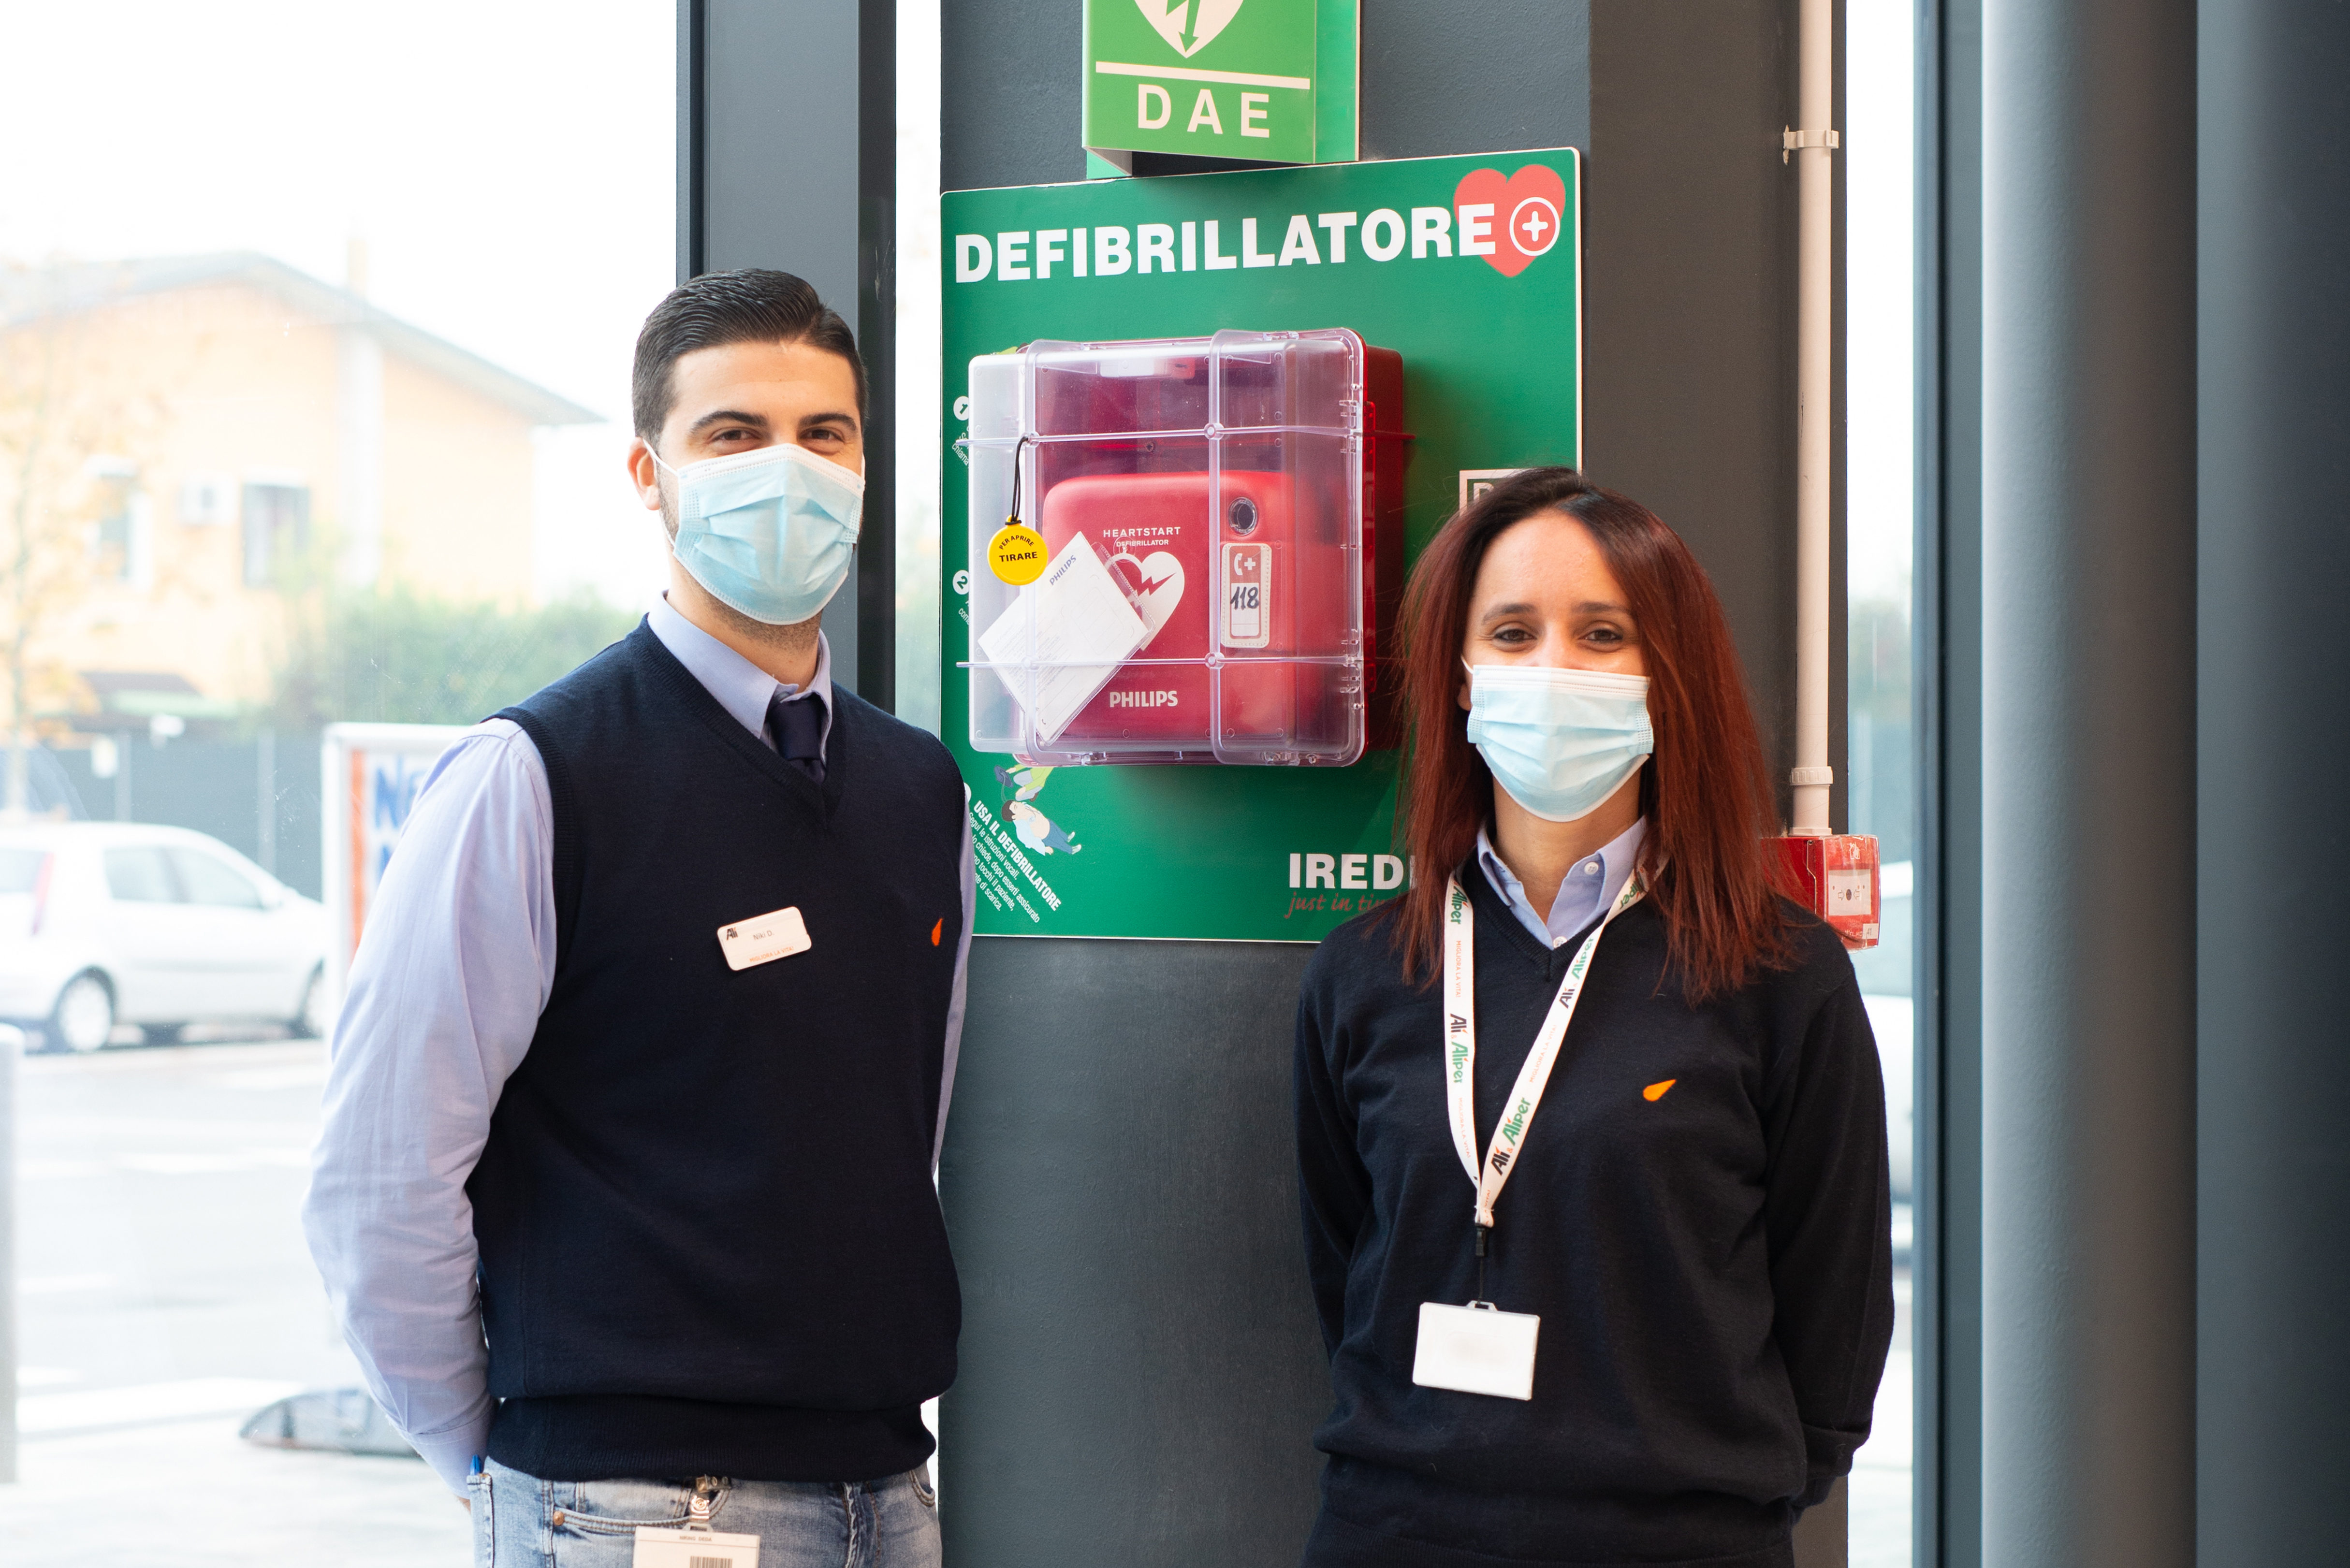 Alì installa 118  defibrillatori per la sicurezza di collaboratori e clienti